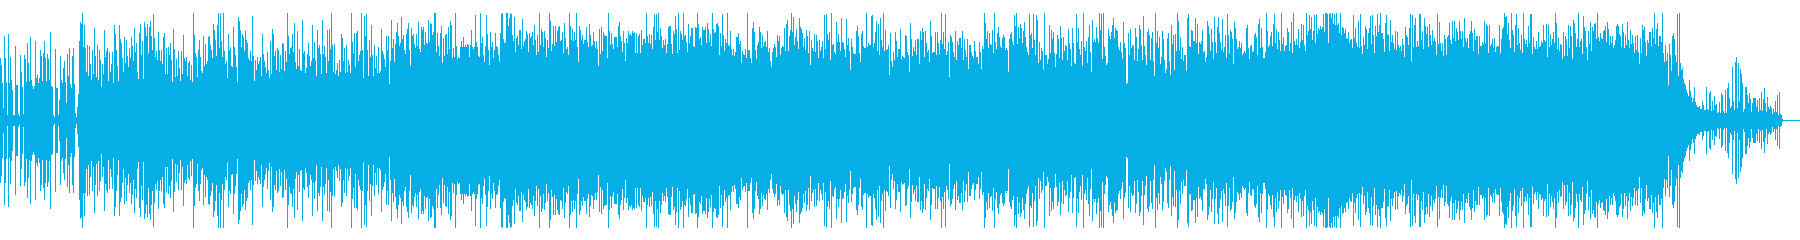 ゲーム映像和風オーケストラエキサイトの再生済みの波形